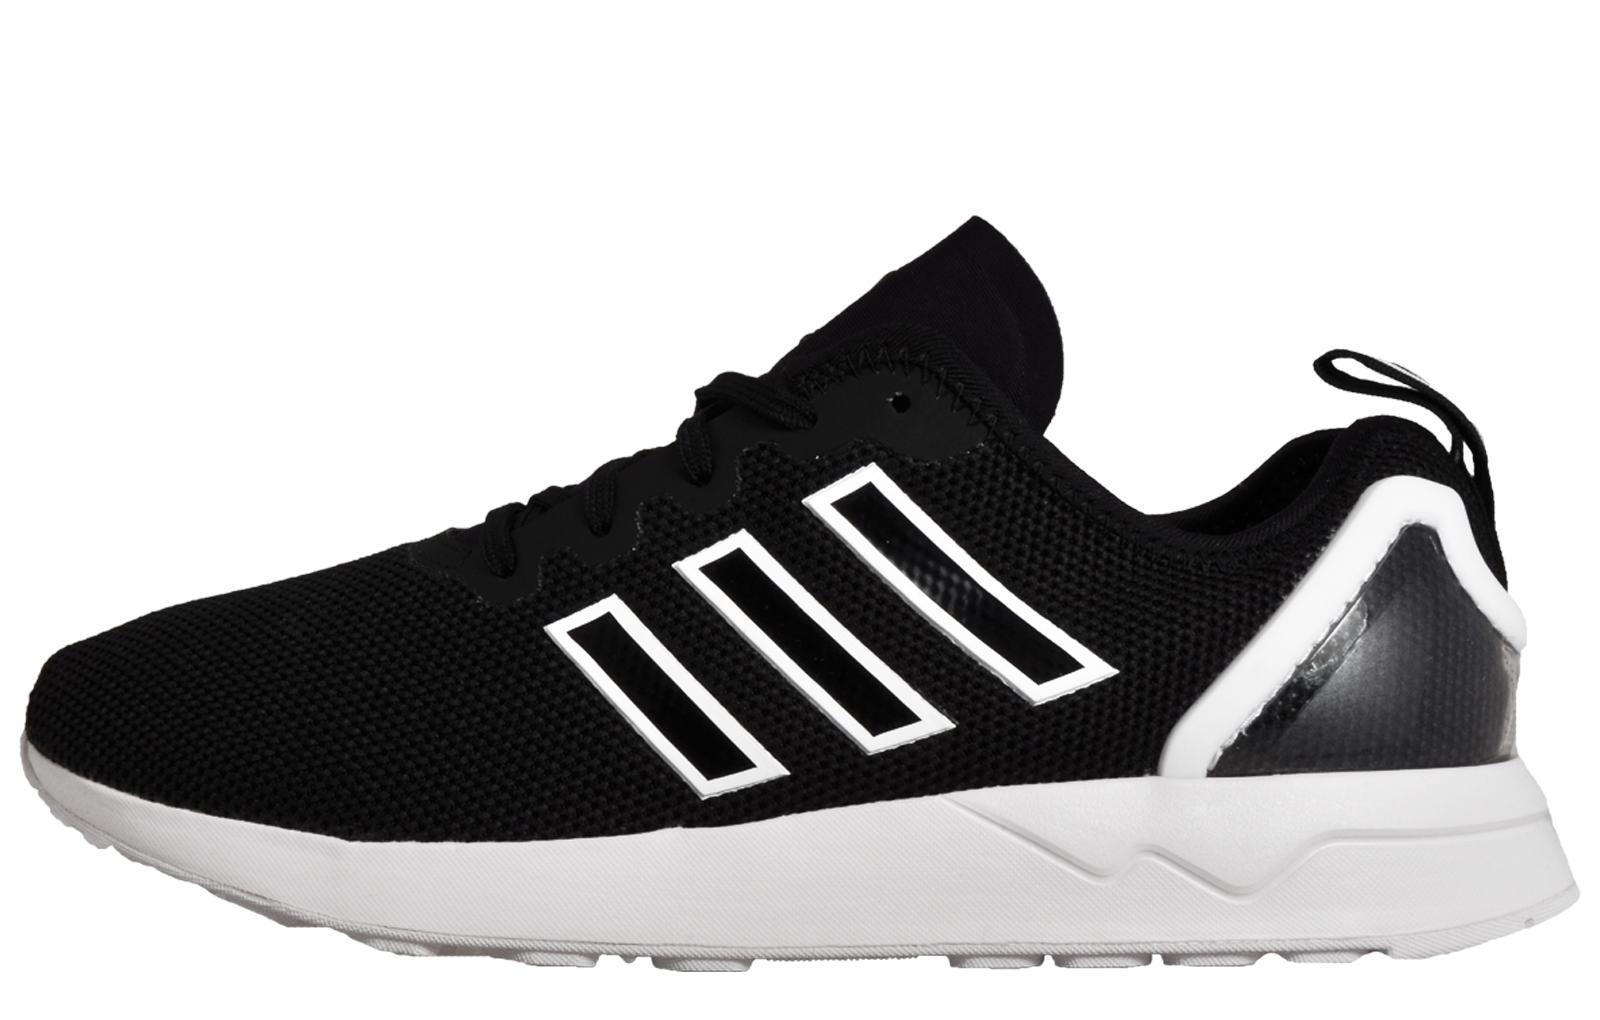 267a2f666de80 ... best adidas originals zx flux adv mens retro running shoes trainers  black 16606 826f2